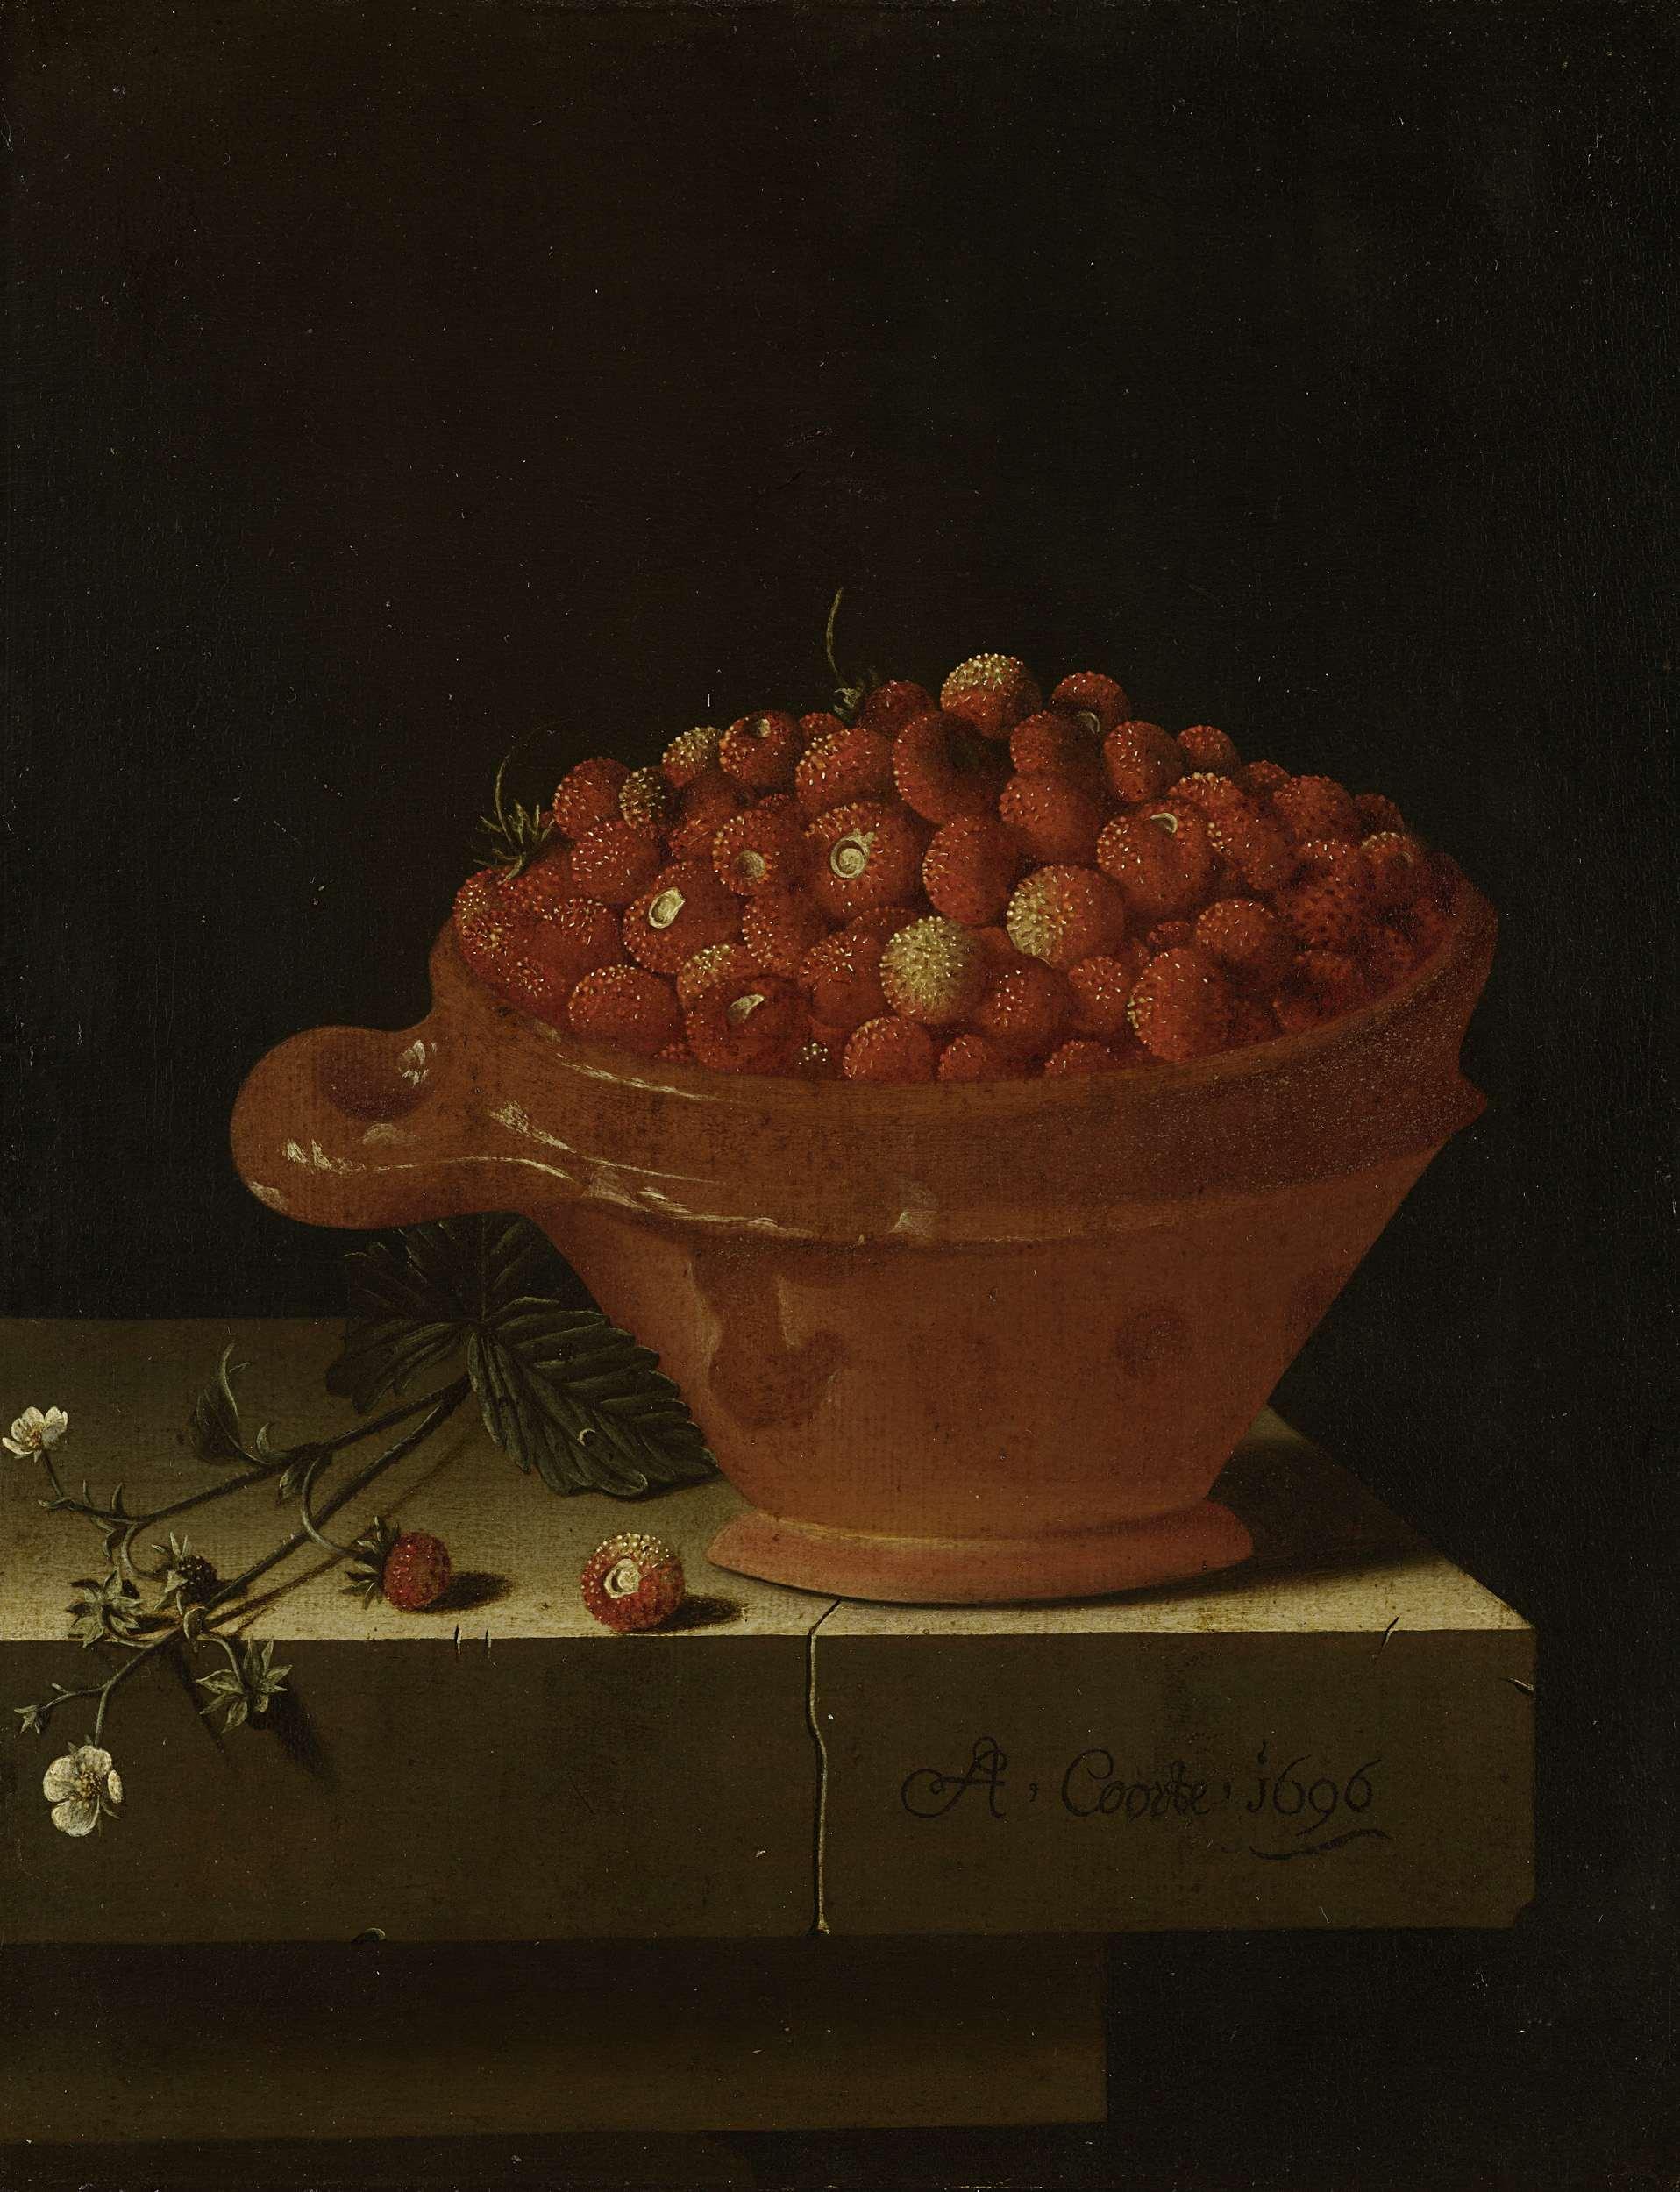 Testje met aardbeien, Adriaan Coorte, 1696, RMA